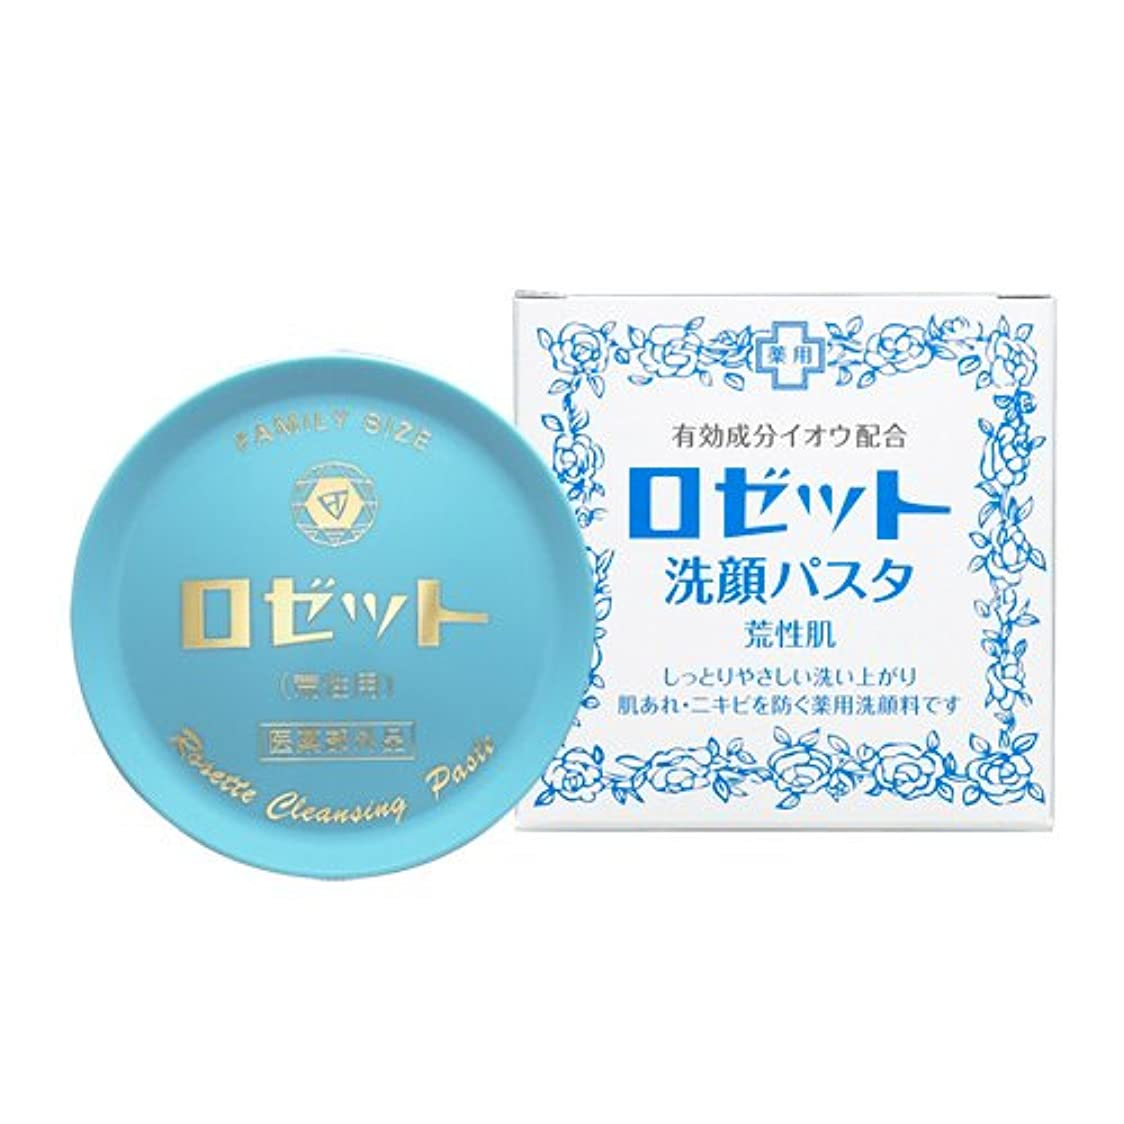 要求する文献カートロゼット洗顔パスタ 荒性肌 90g (医薬部外品)